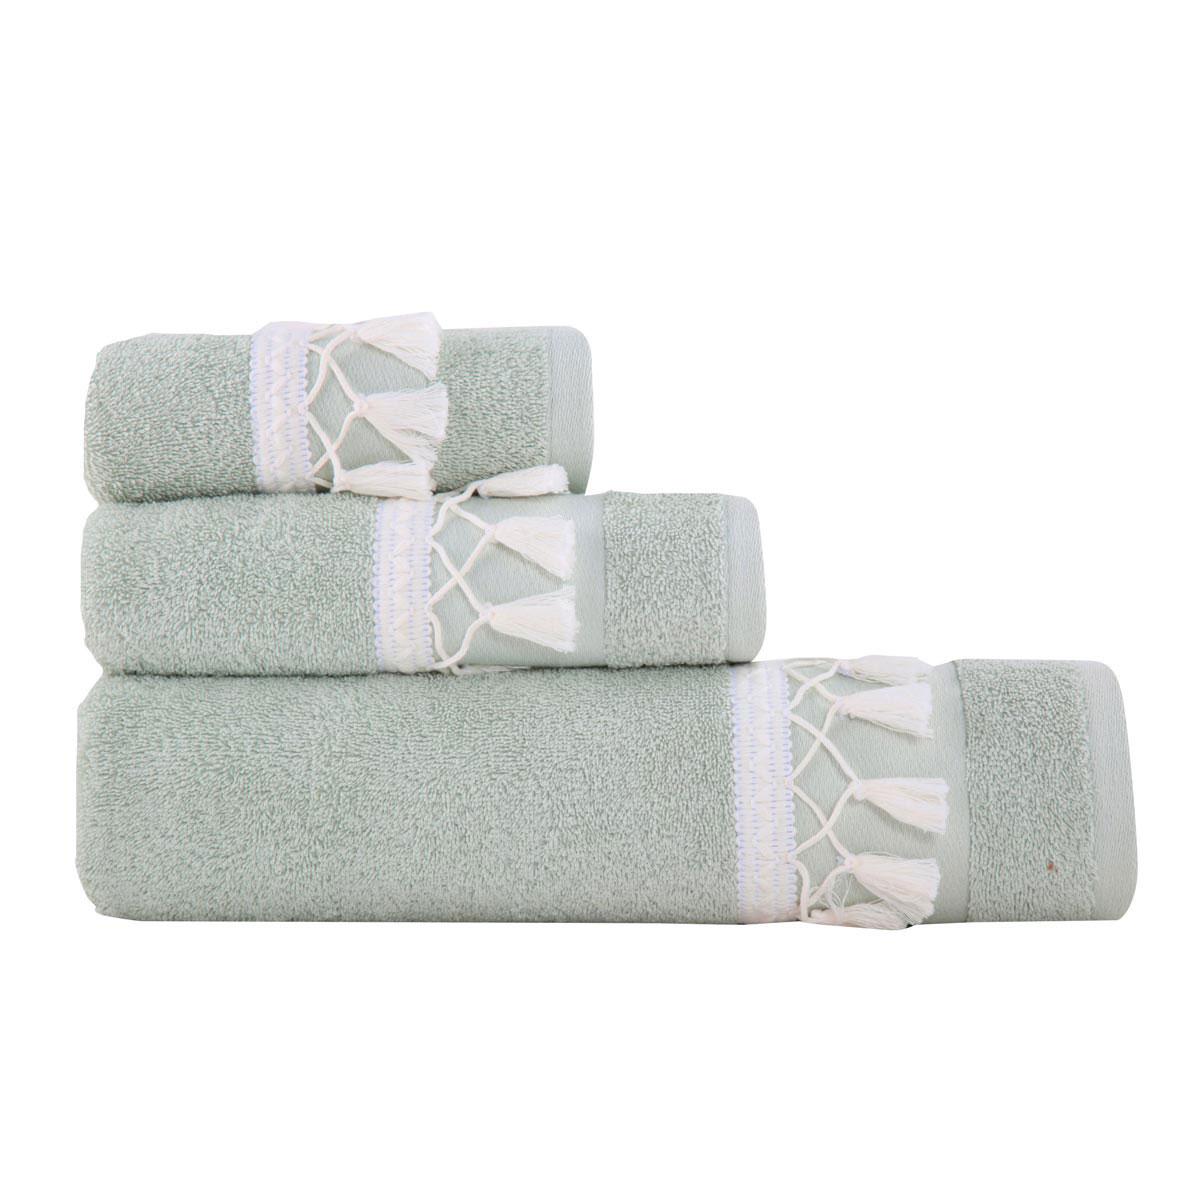 Πετσέτες Μπάνιου (Σετ 3τμχ) Nef-Nef Isolin Mint